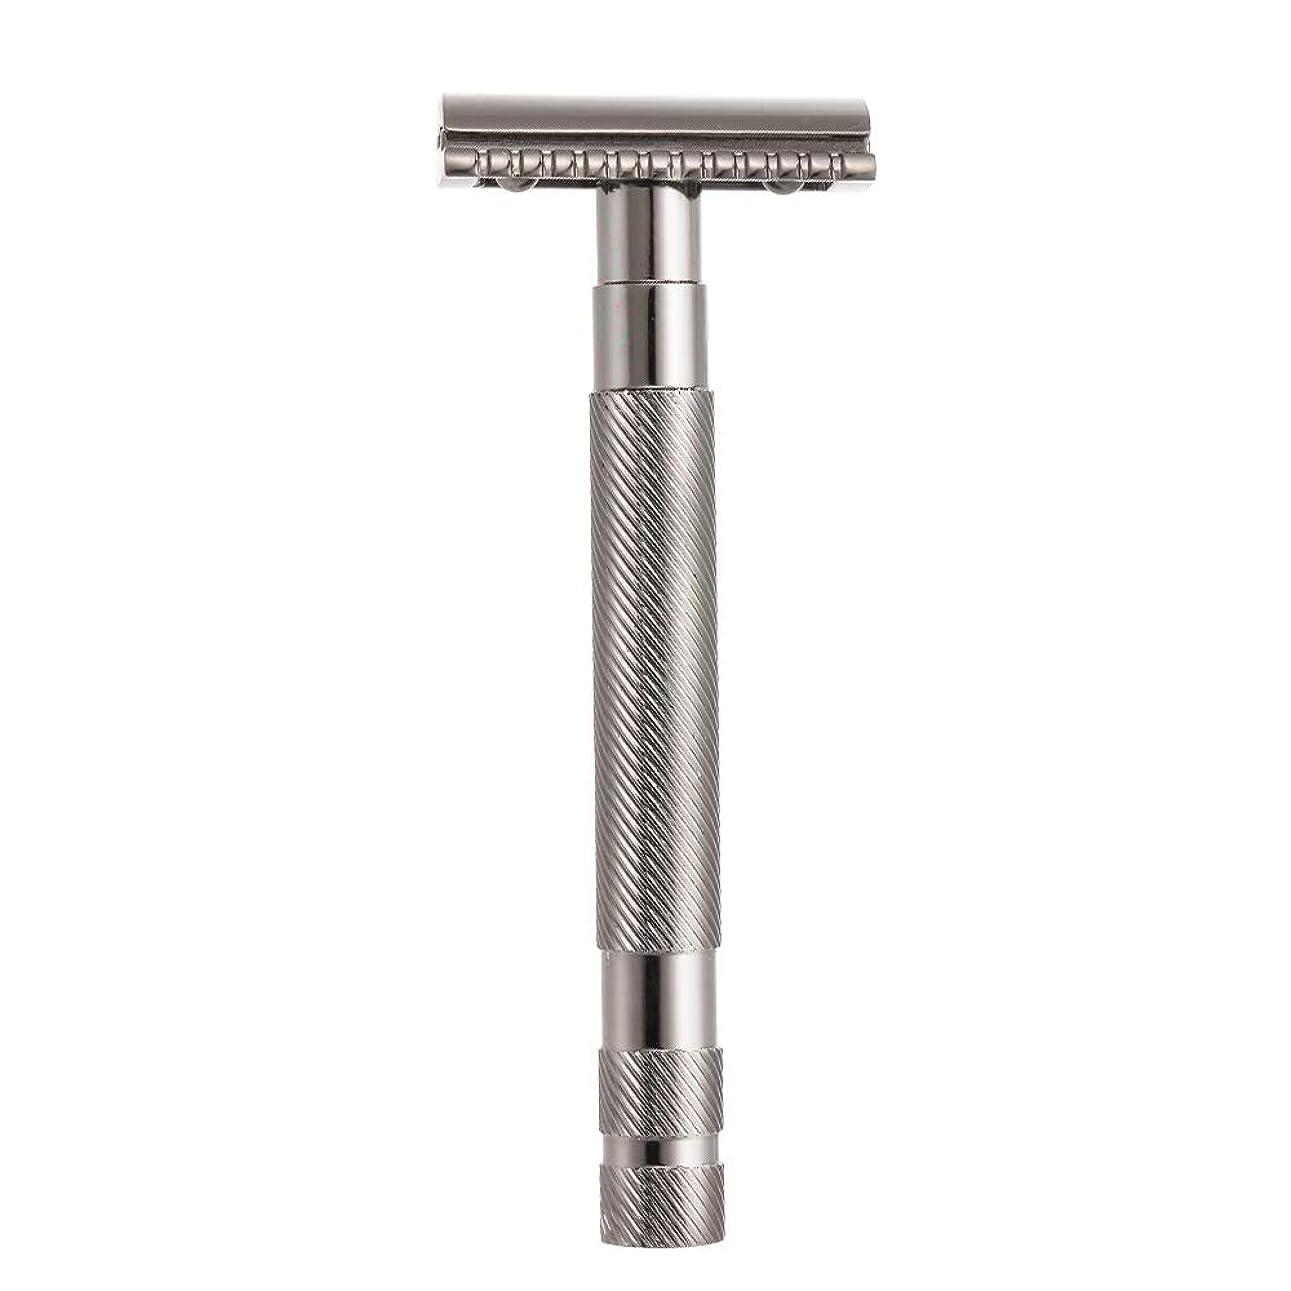 パット以内に適切にDecdeal 安全 ダブル カミソリ 髭剃り 男性 シェービングツール